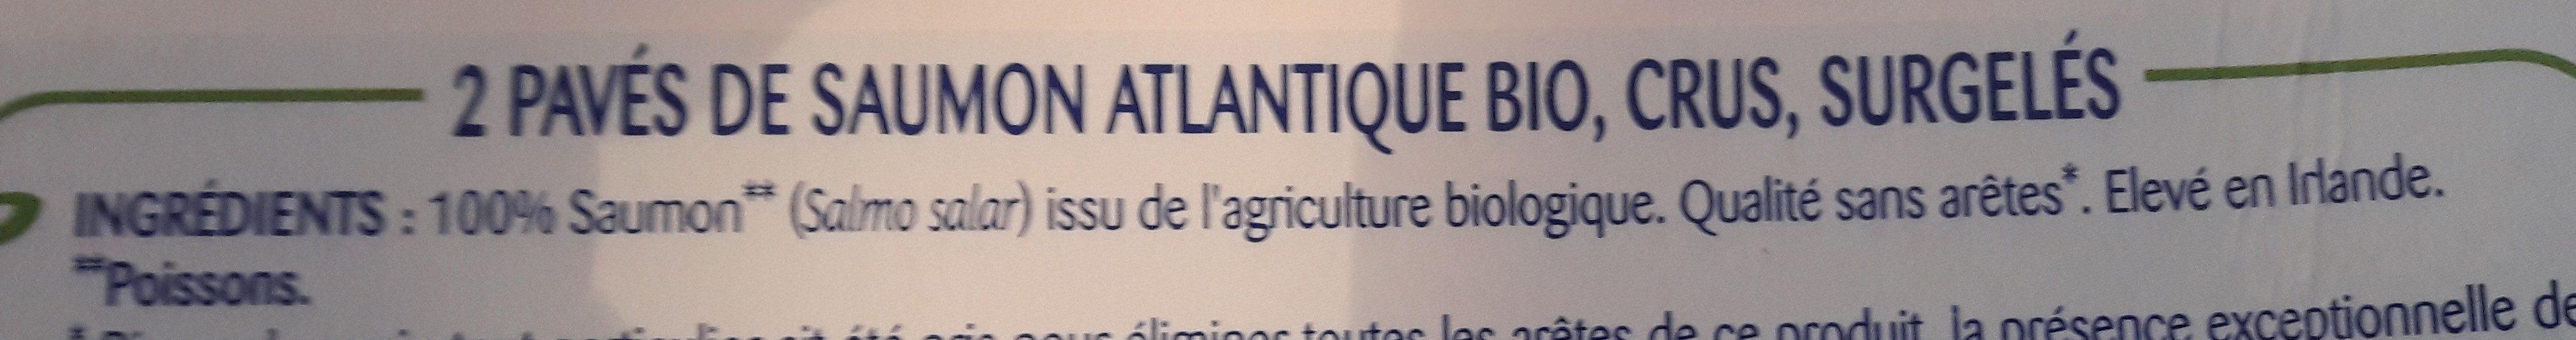 Odyssée Pavés de saumon Atlantique BIO 2 pavés 200 g - Ingrédients - fr